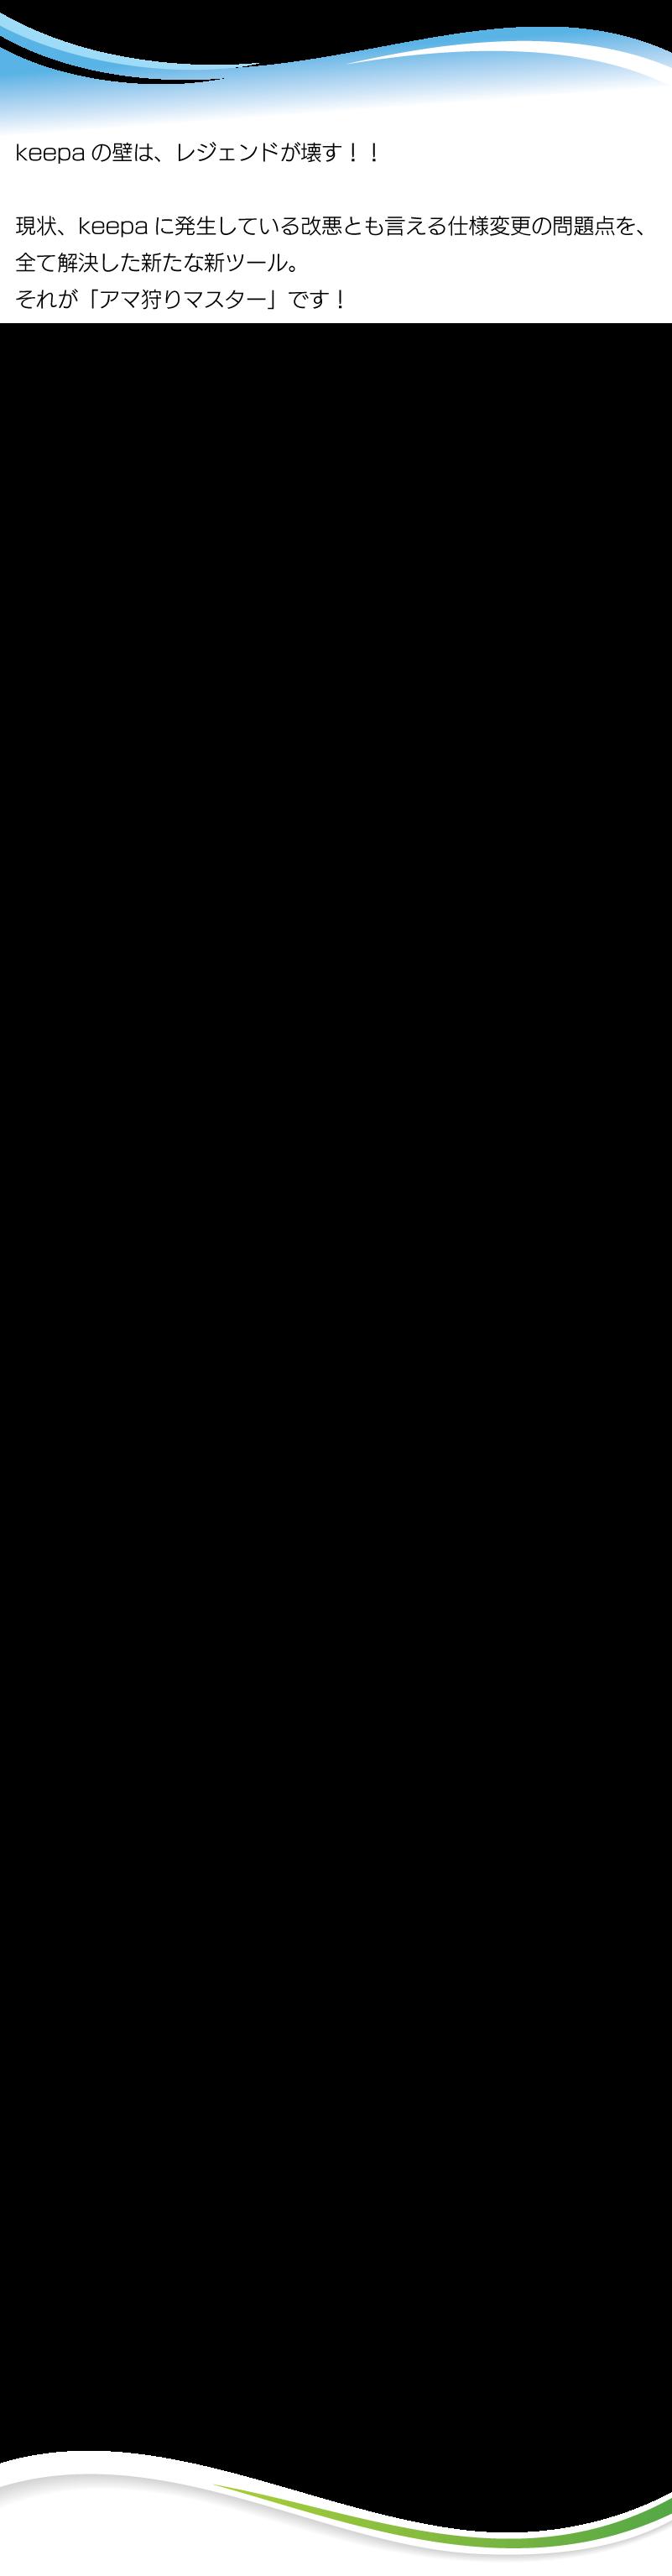 ama14-06